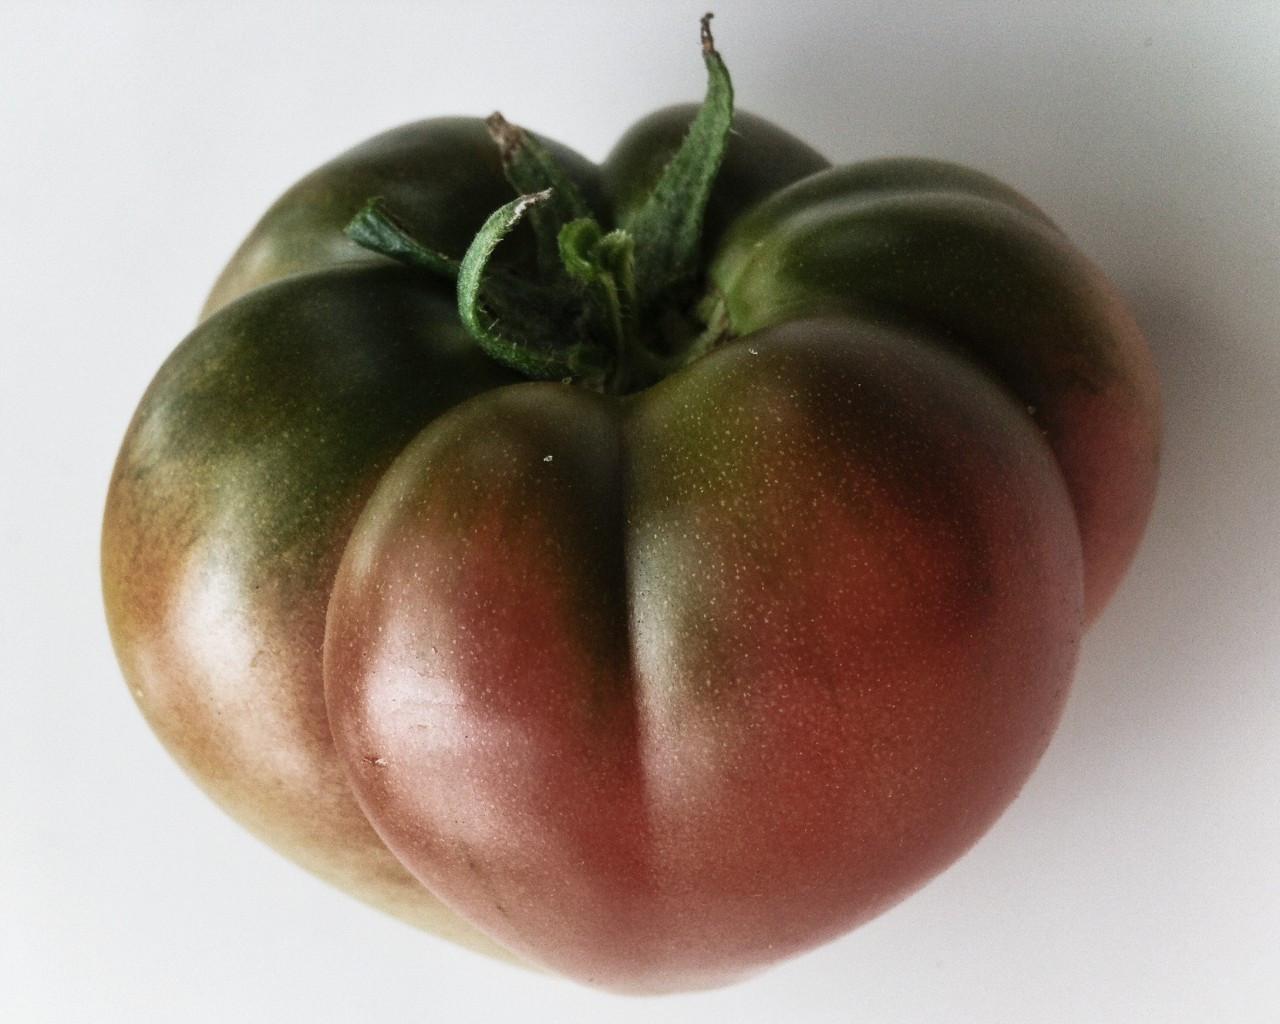 tomato black krim og seattle seed company. Black Bedroom Furniture Sets. Home Design Ideas